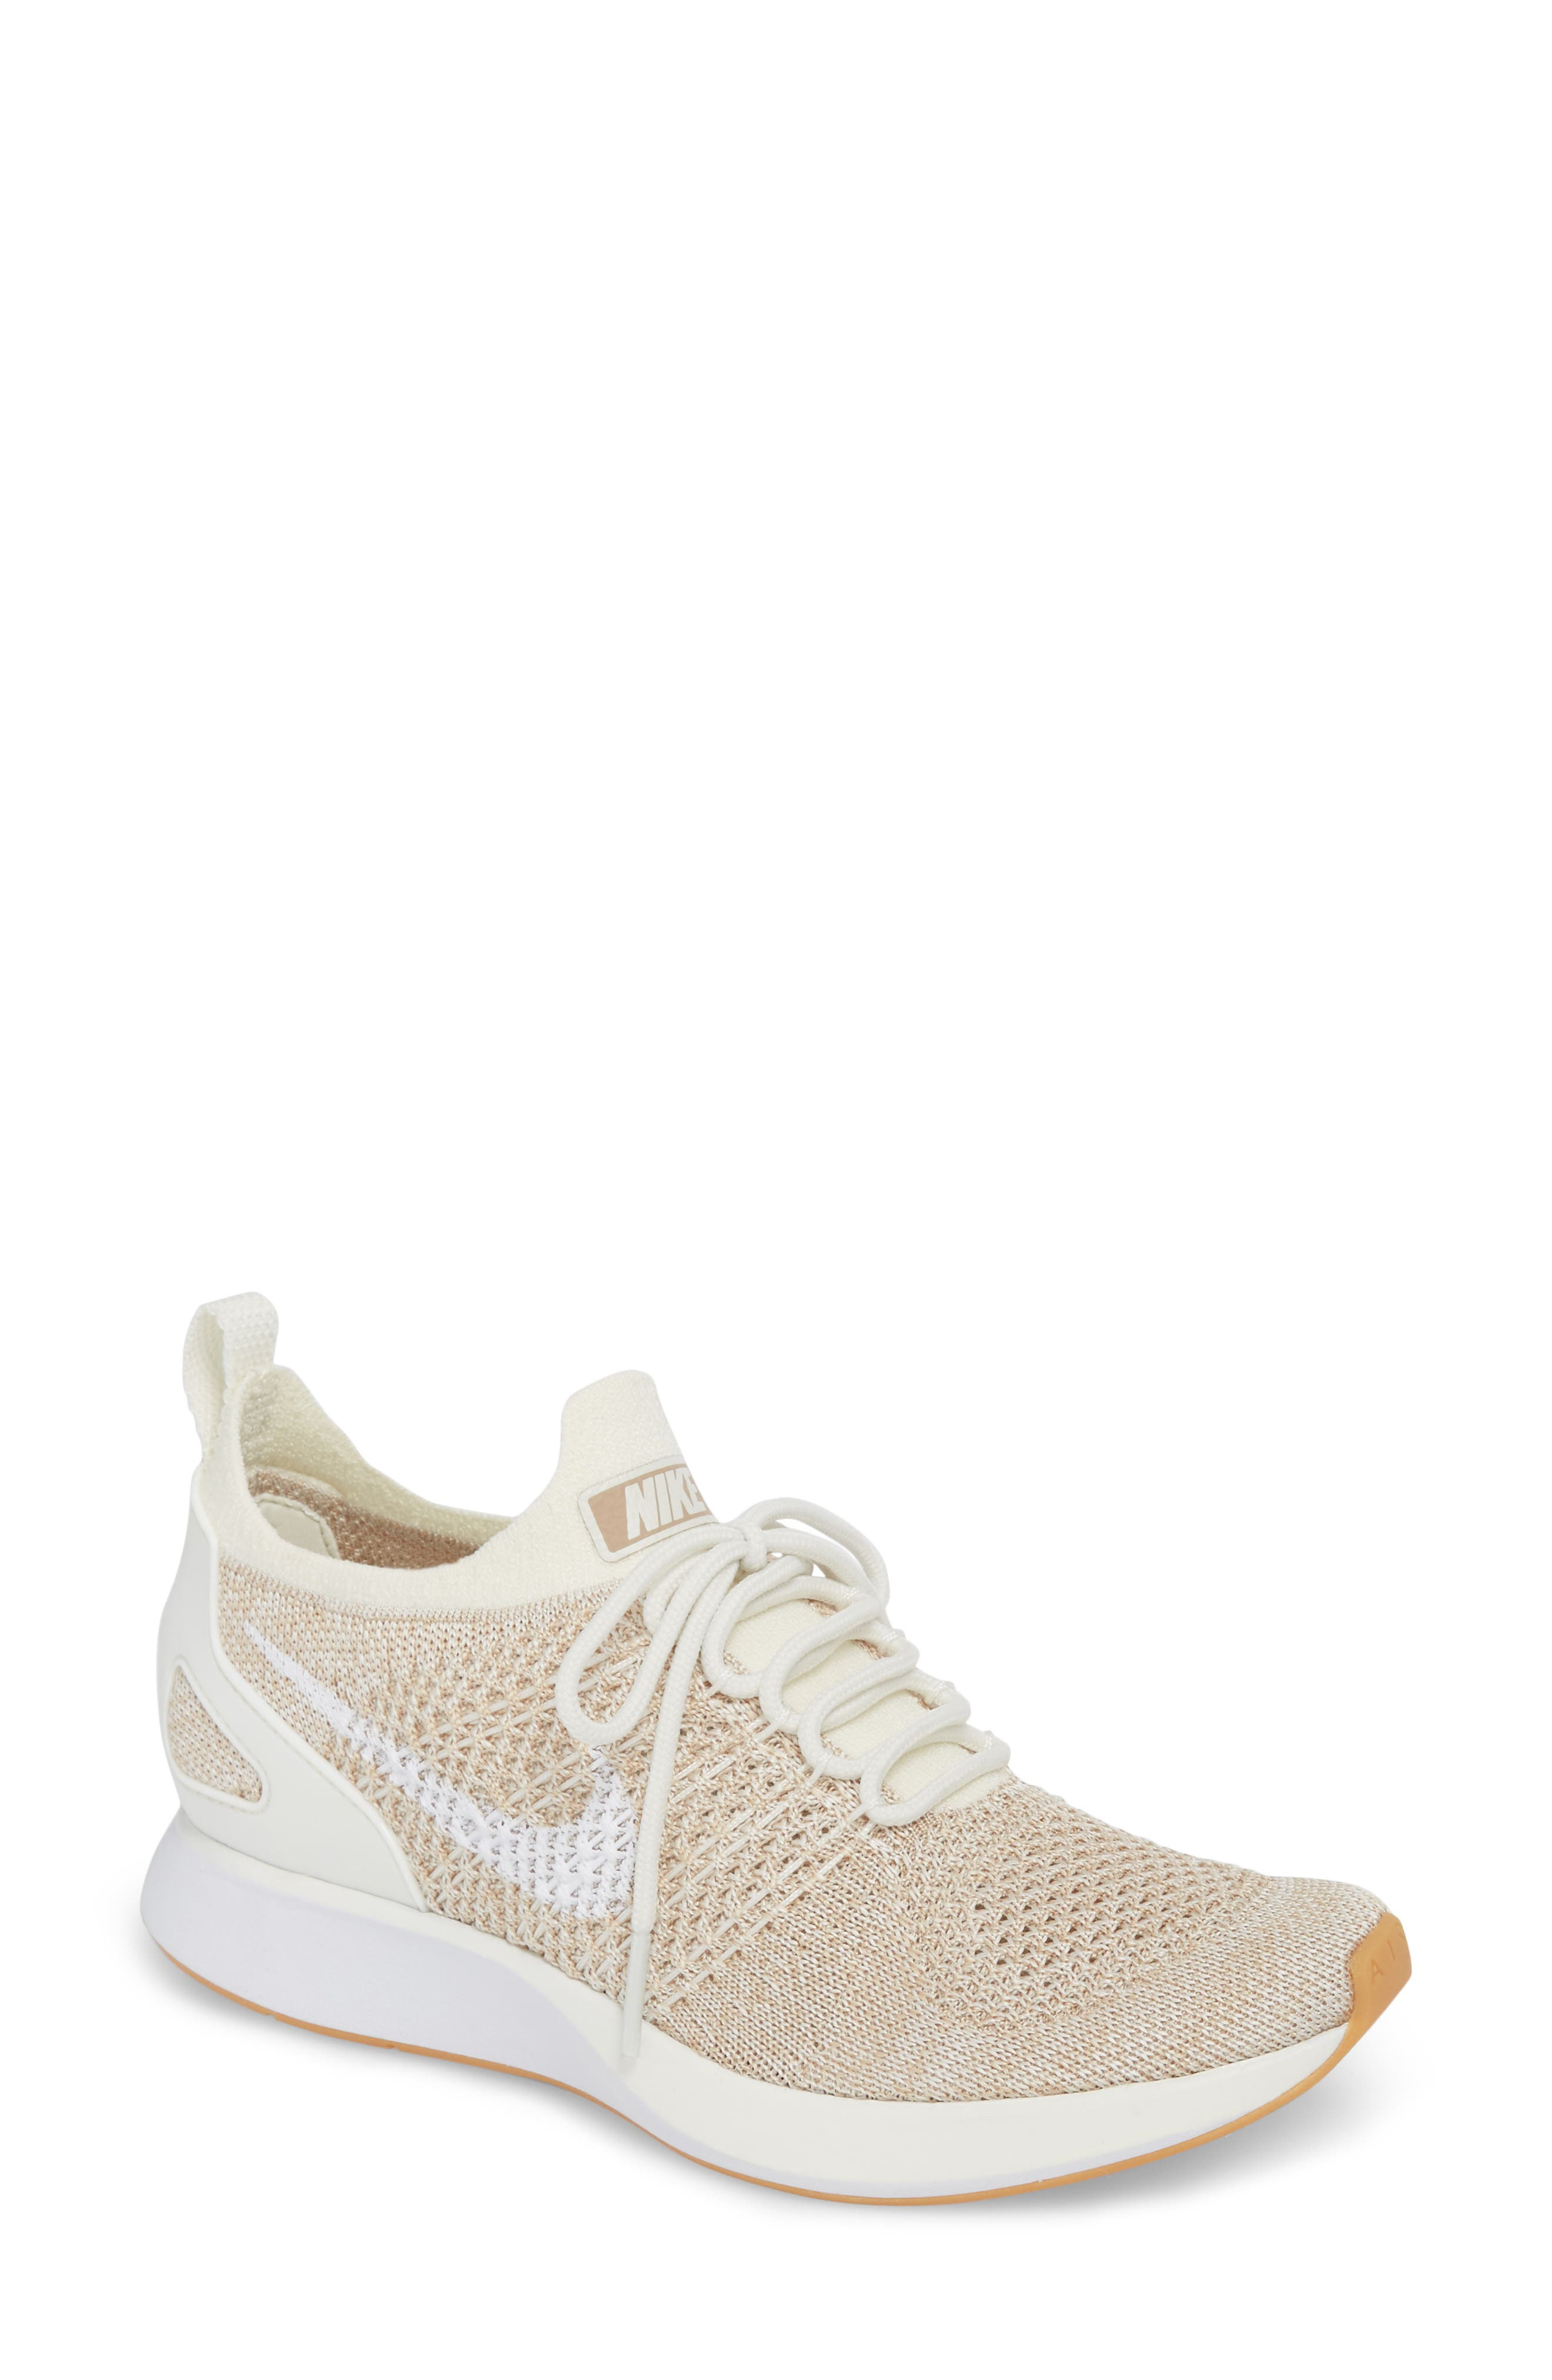 Sneakers for Women, Chalk, Leather, 2017, 4 4.5 5.5 6 7 7.5 Jimmy Choo London